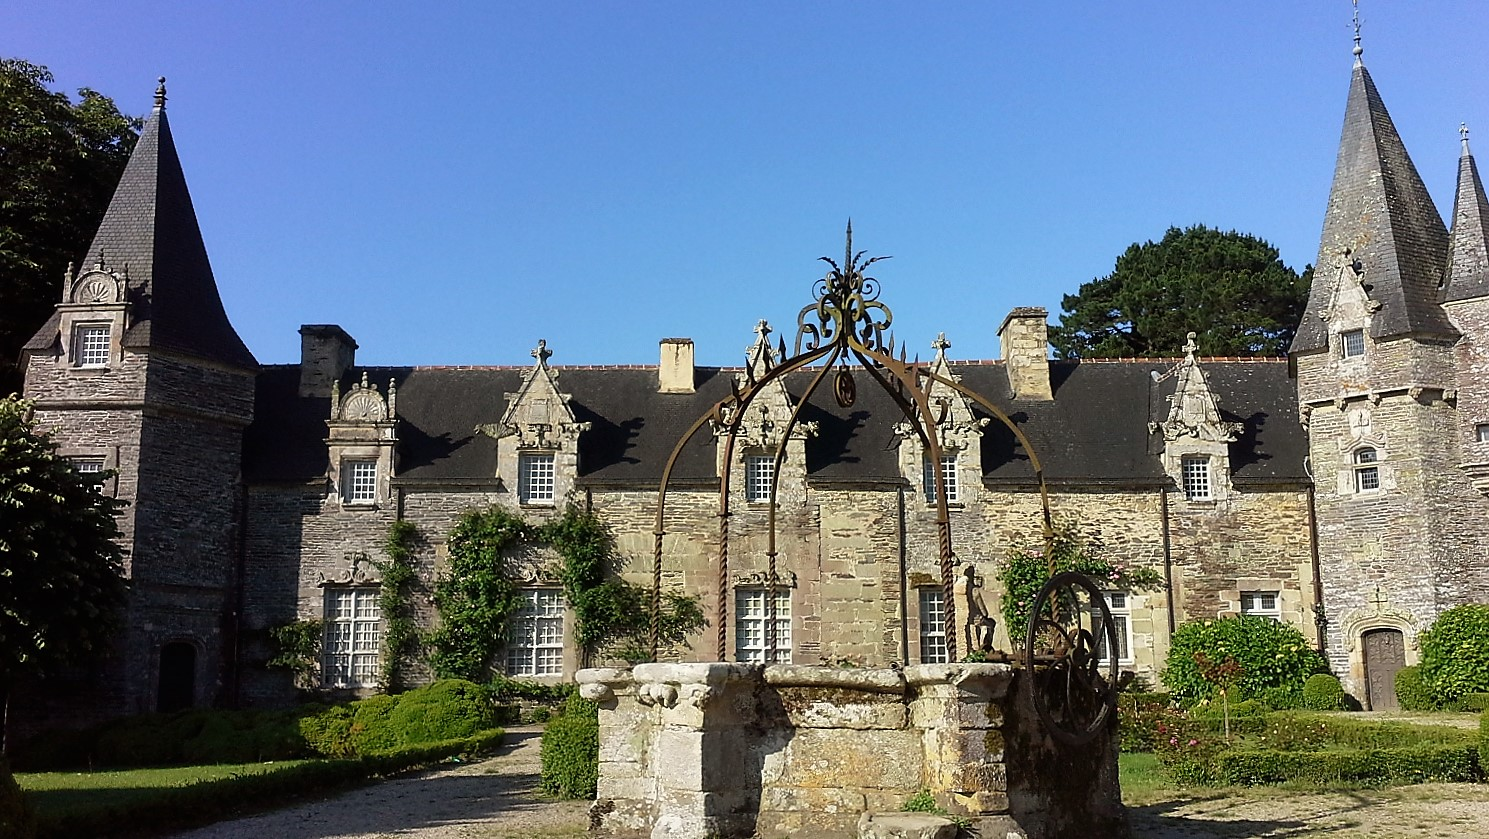 Castello Rochefort en terre